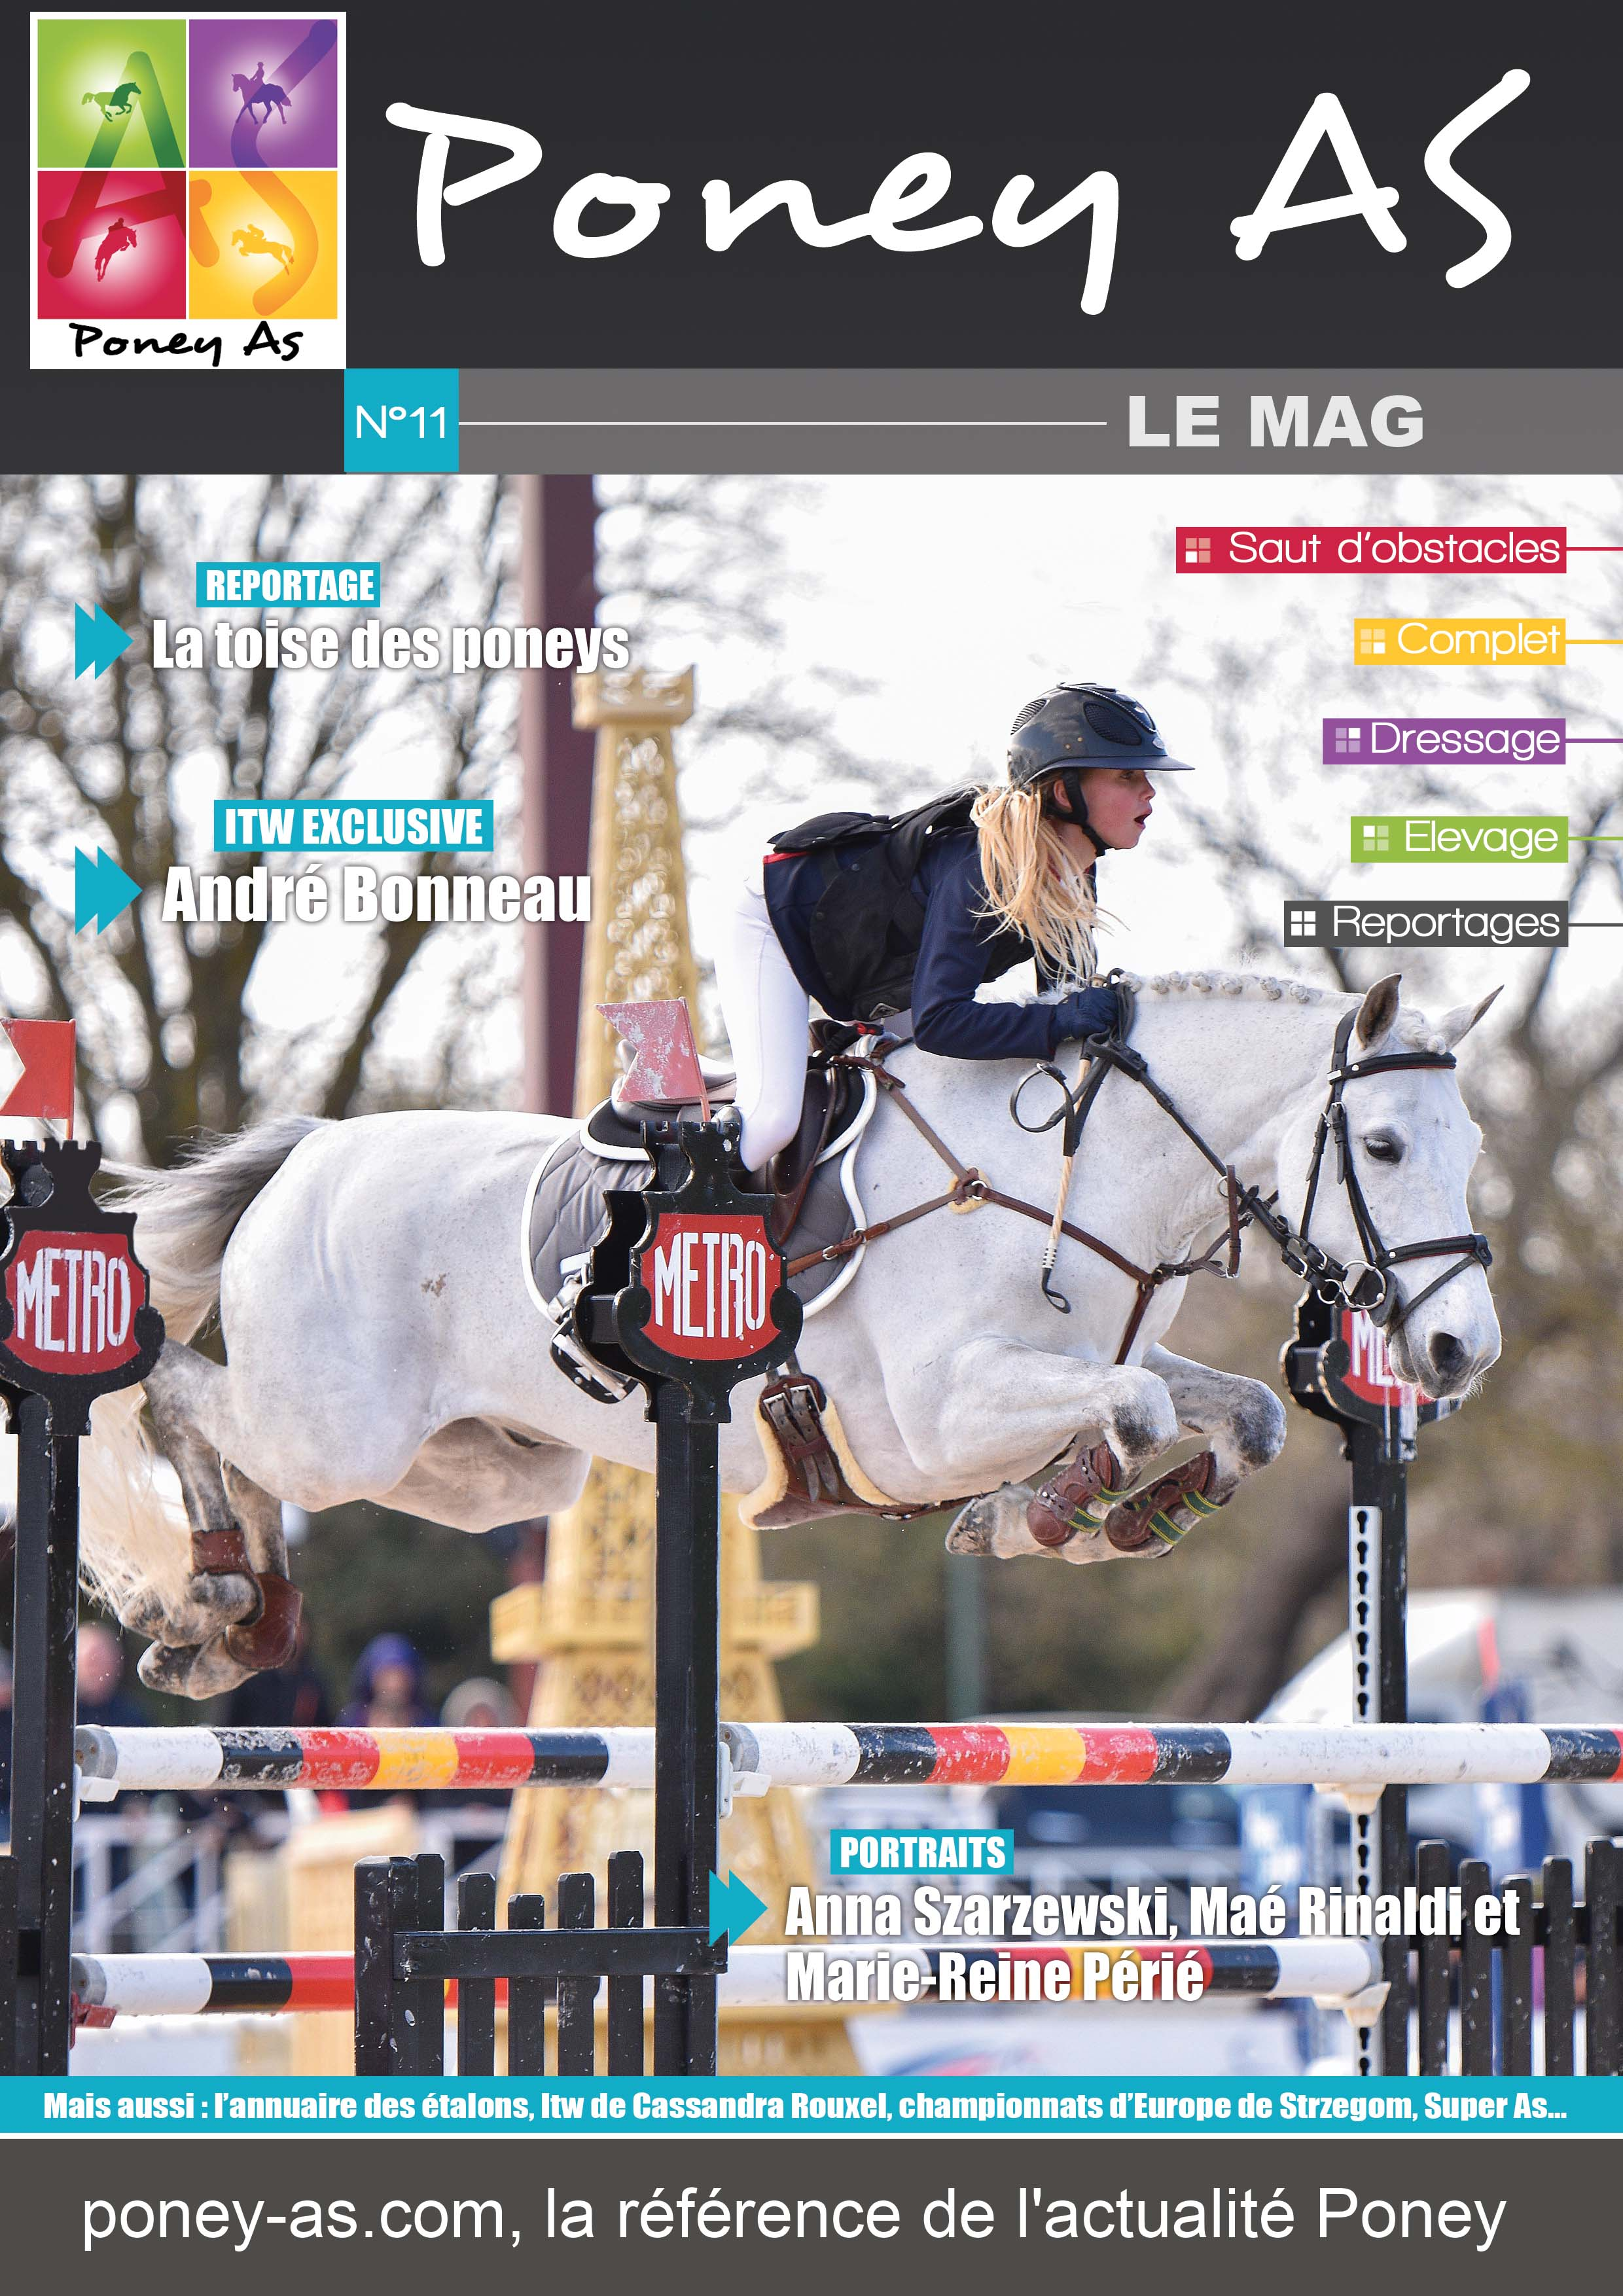 Mag n°11 - Poney As